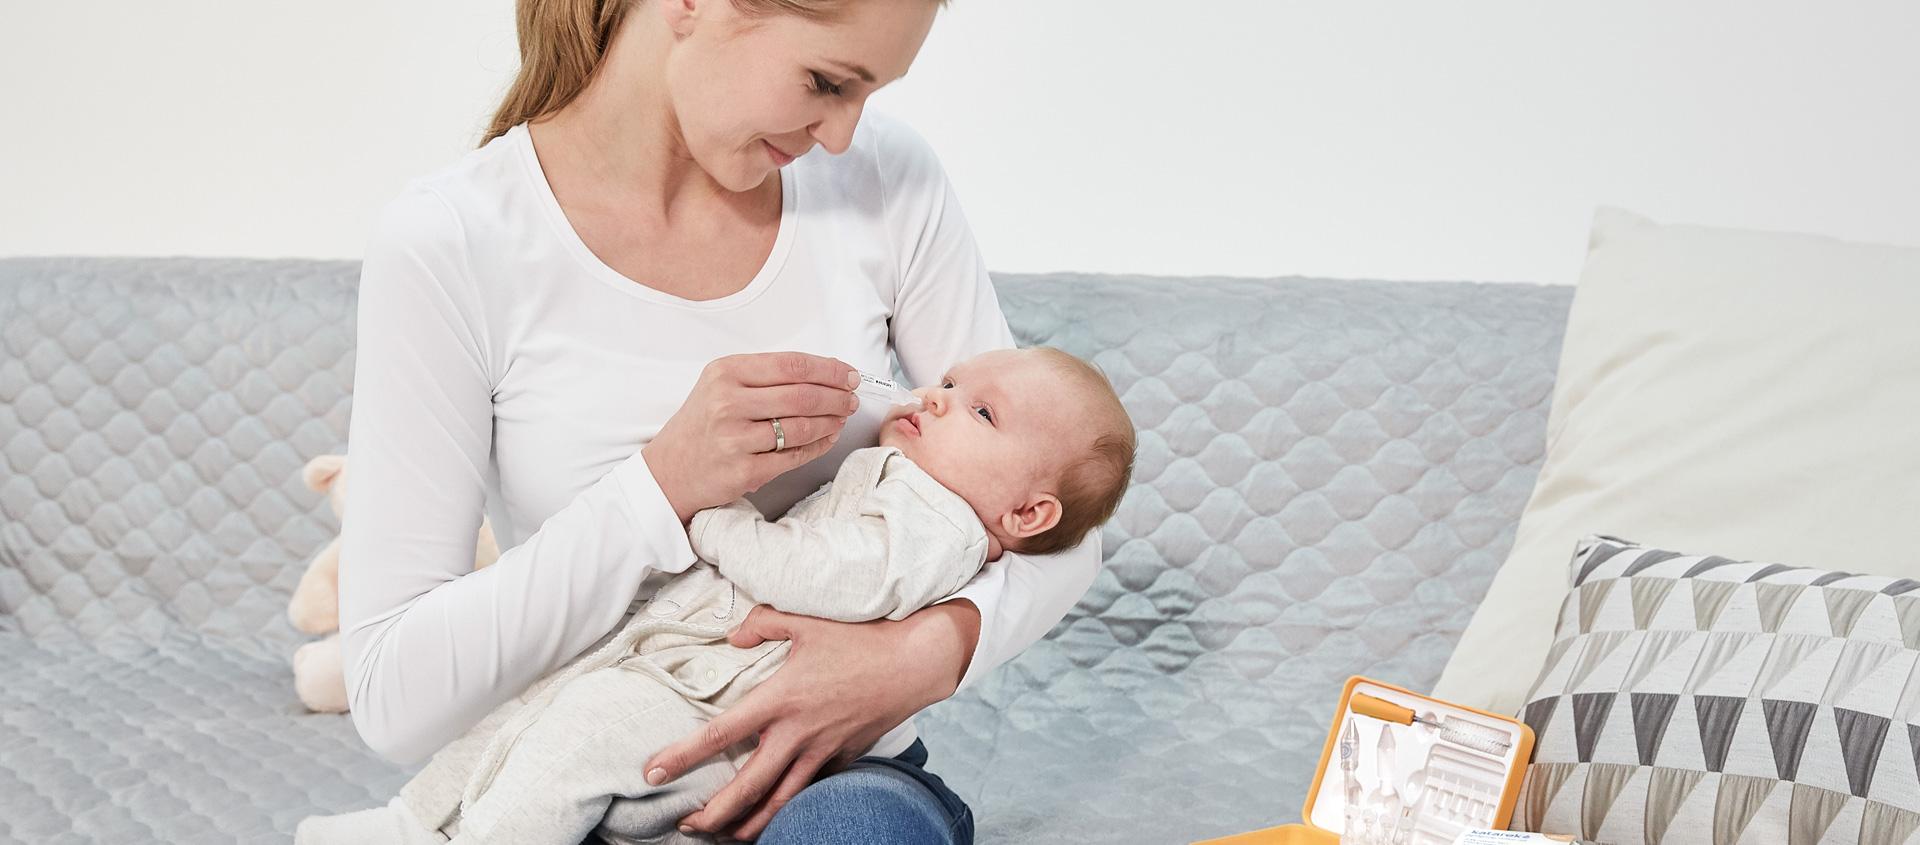 nawilżanie nosa niemowlęcia preparatem Katarek